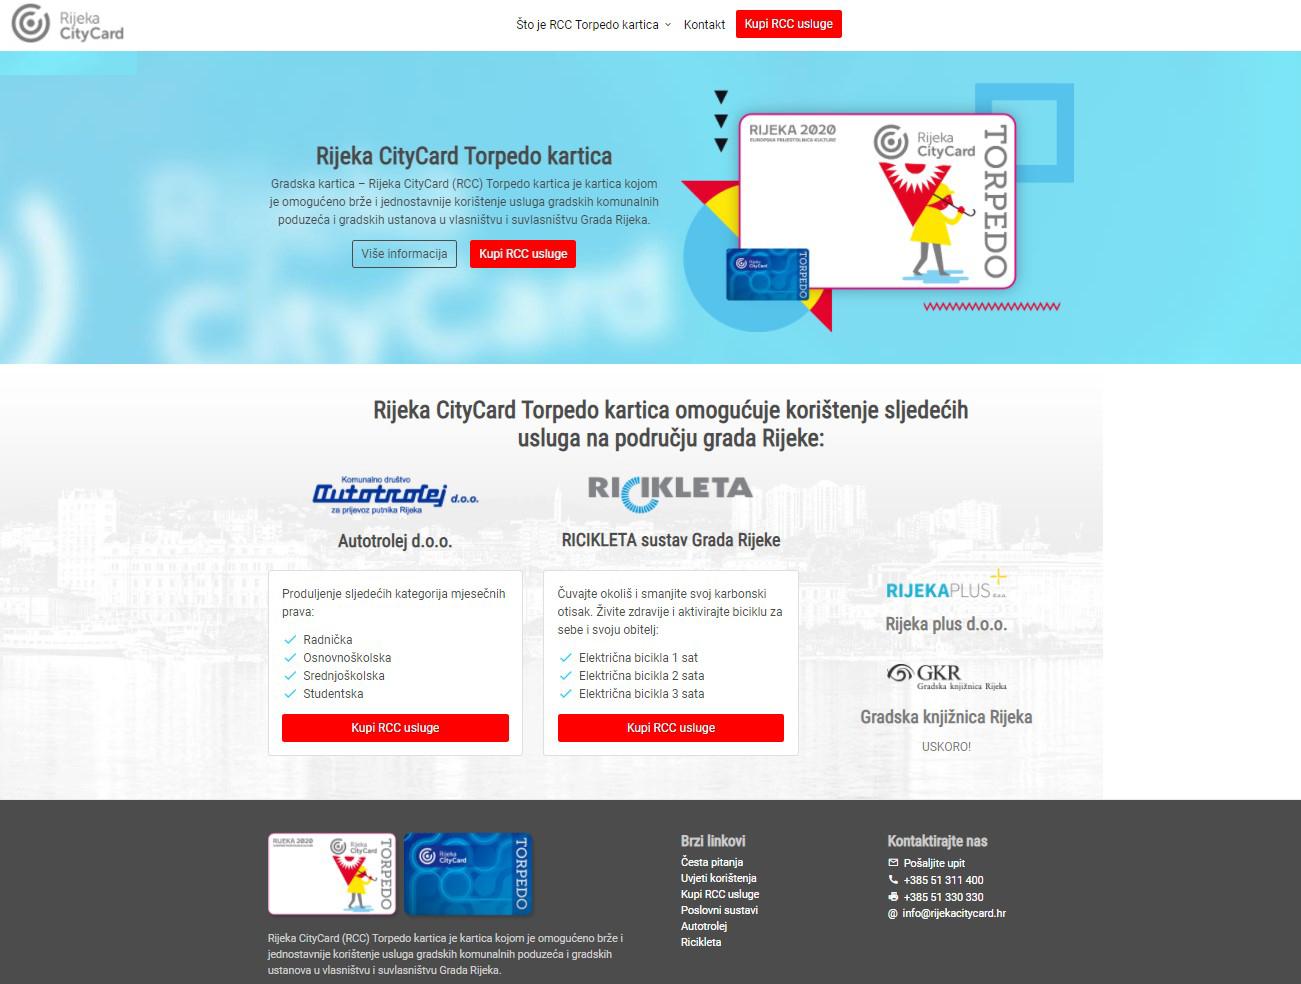 Pokrenuta web-trgovina Rijeka Citycard